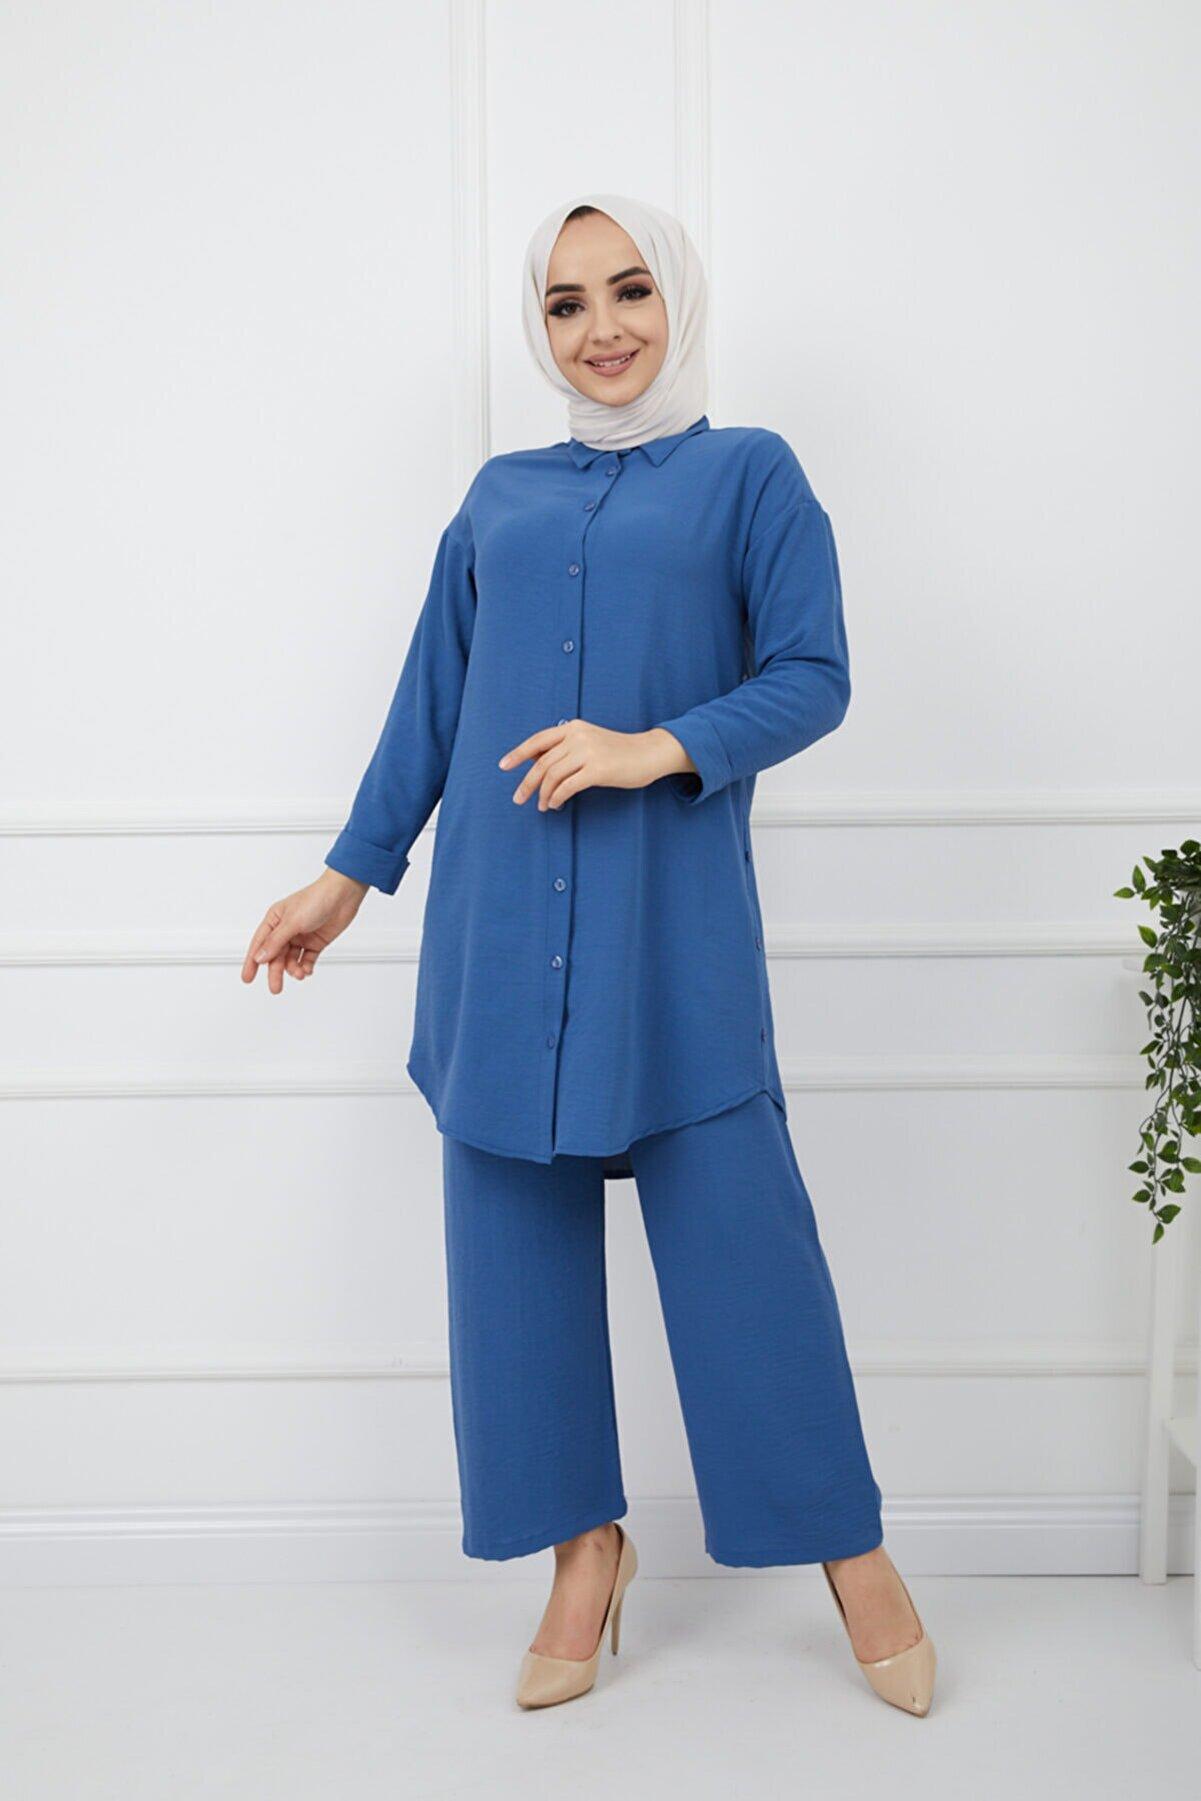 Bayanca Moda Kadın Tesettür Airobin Kumaş Tunik&bol Paça Pantolon Takım